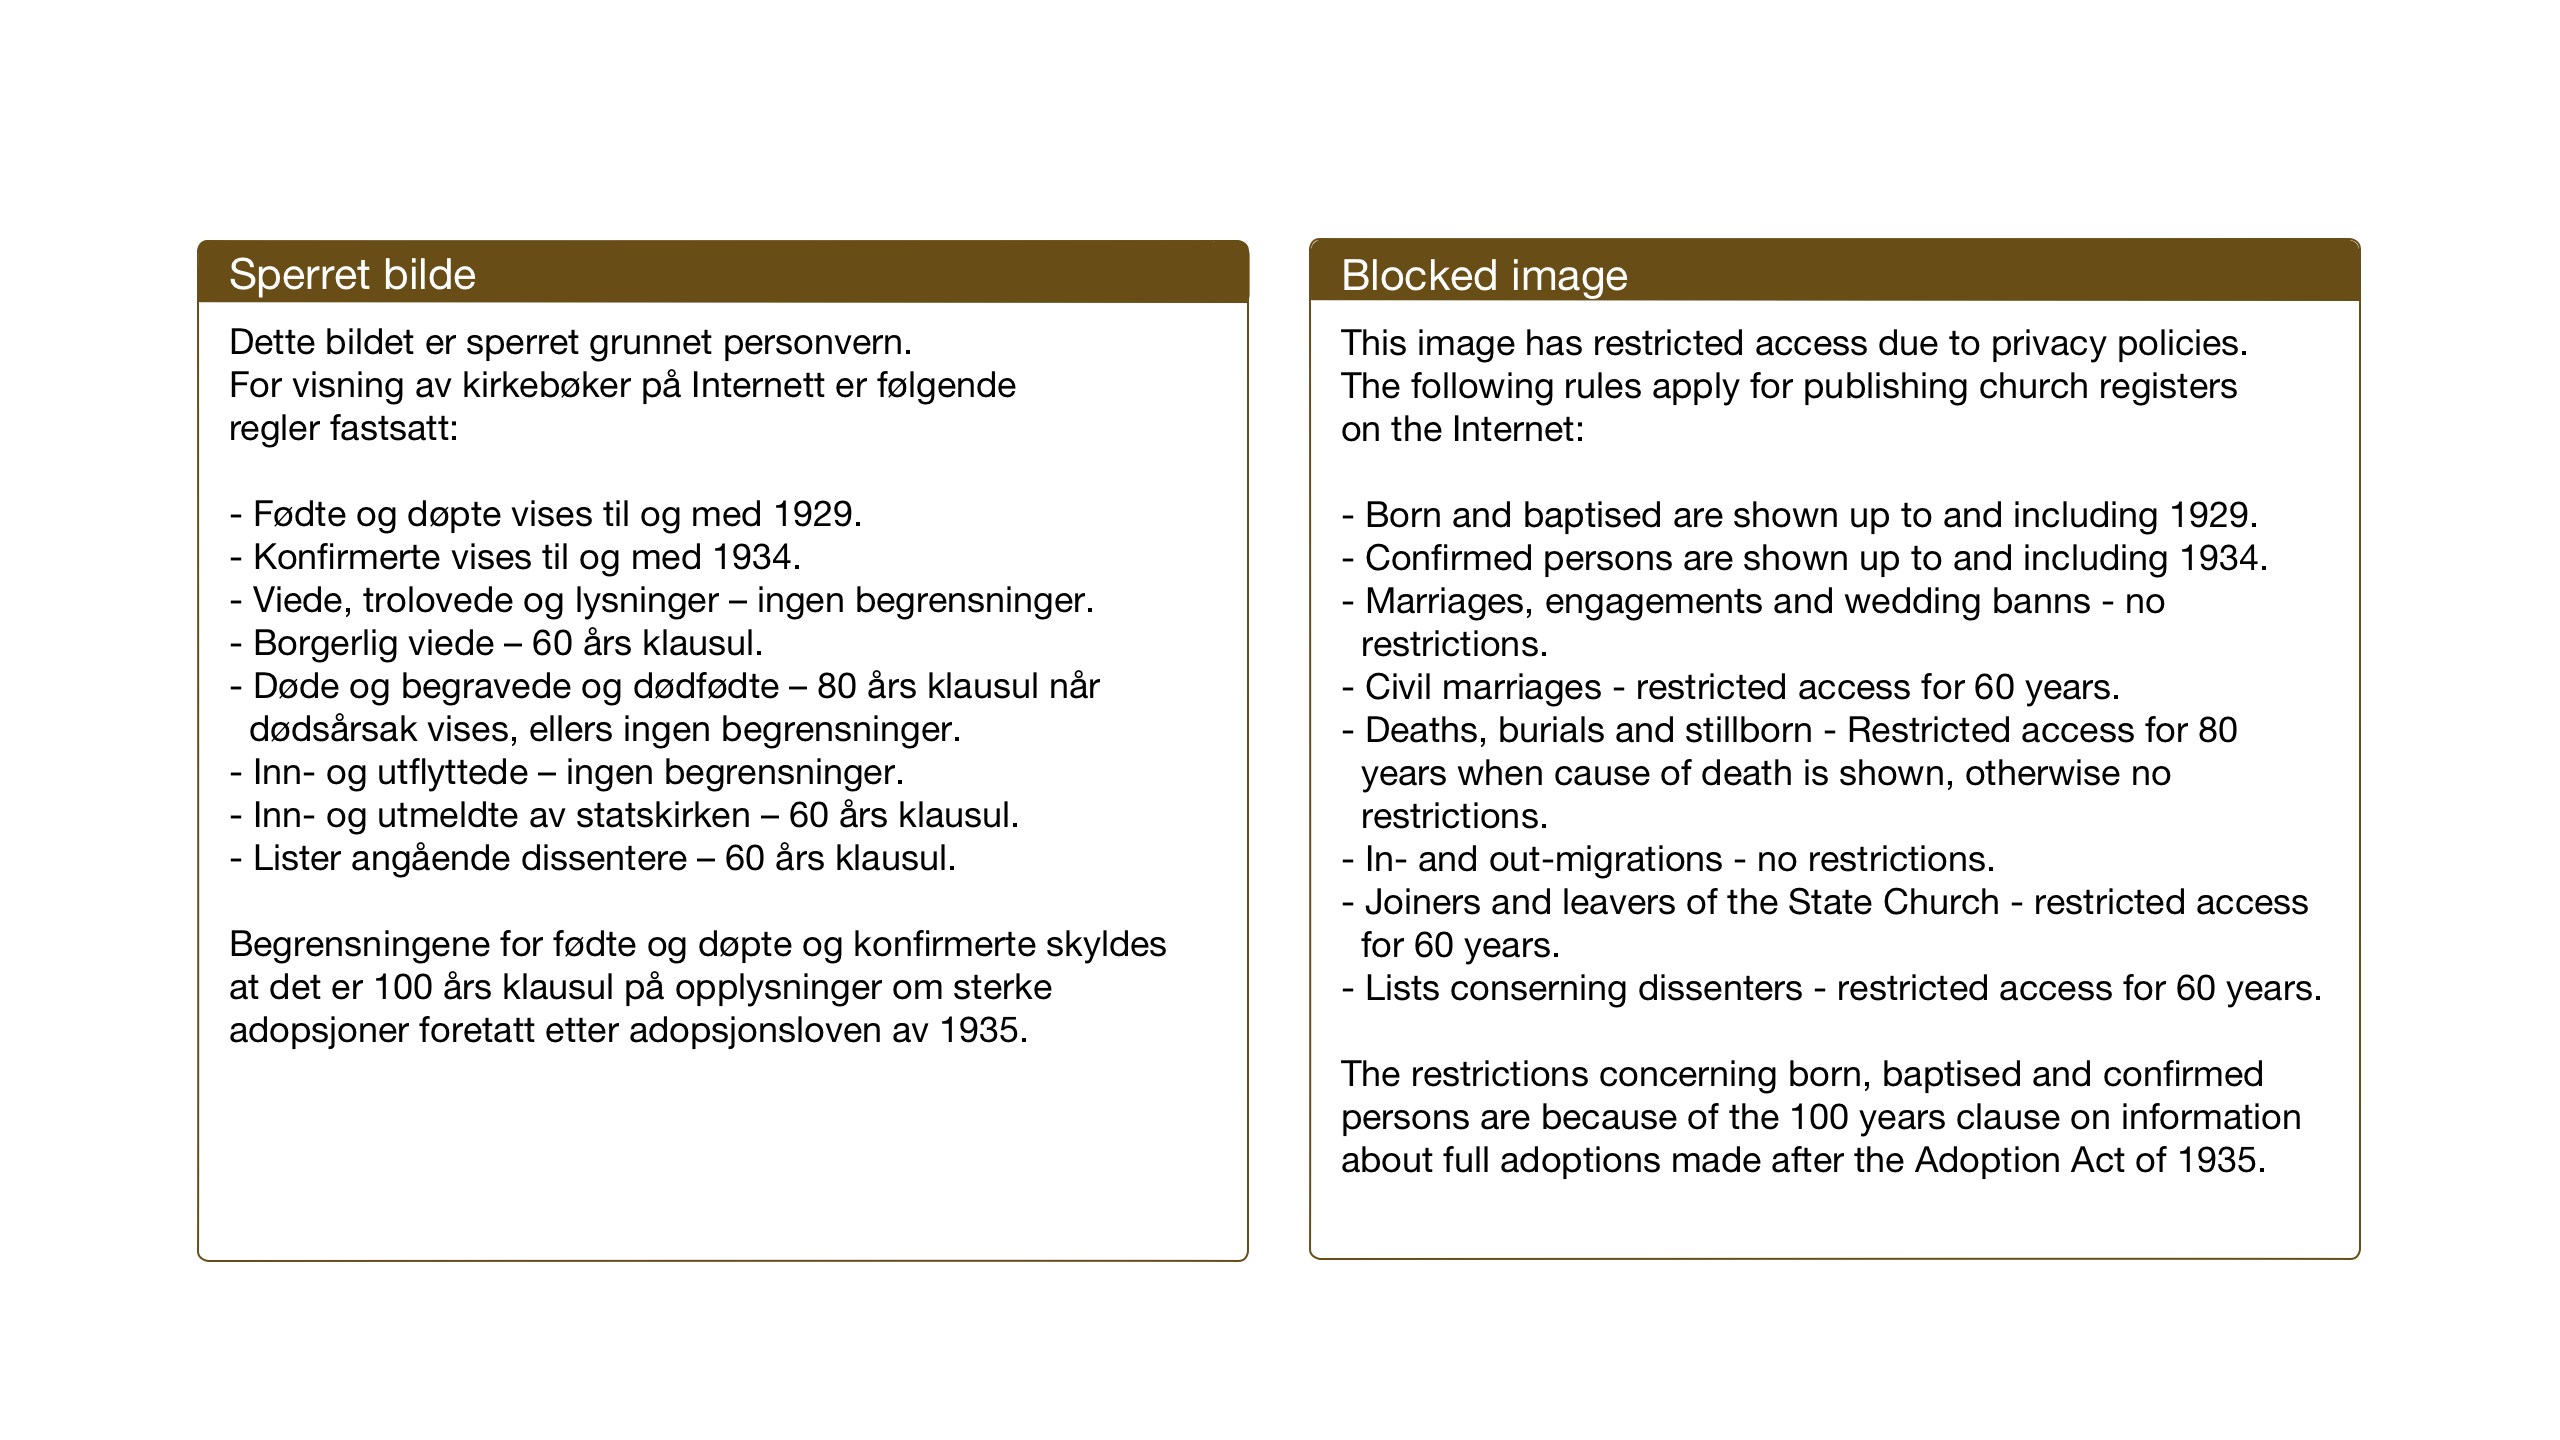 SAT, Ministerialprotokoller, klokkerbøker og fødselsregistre - Sør-Trøndelag, 674/L0878: Klokkerbok nr. 674C05, 1941-1950, s. 82